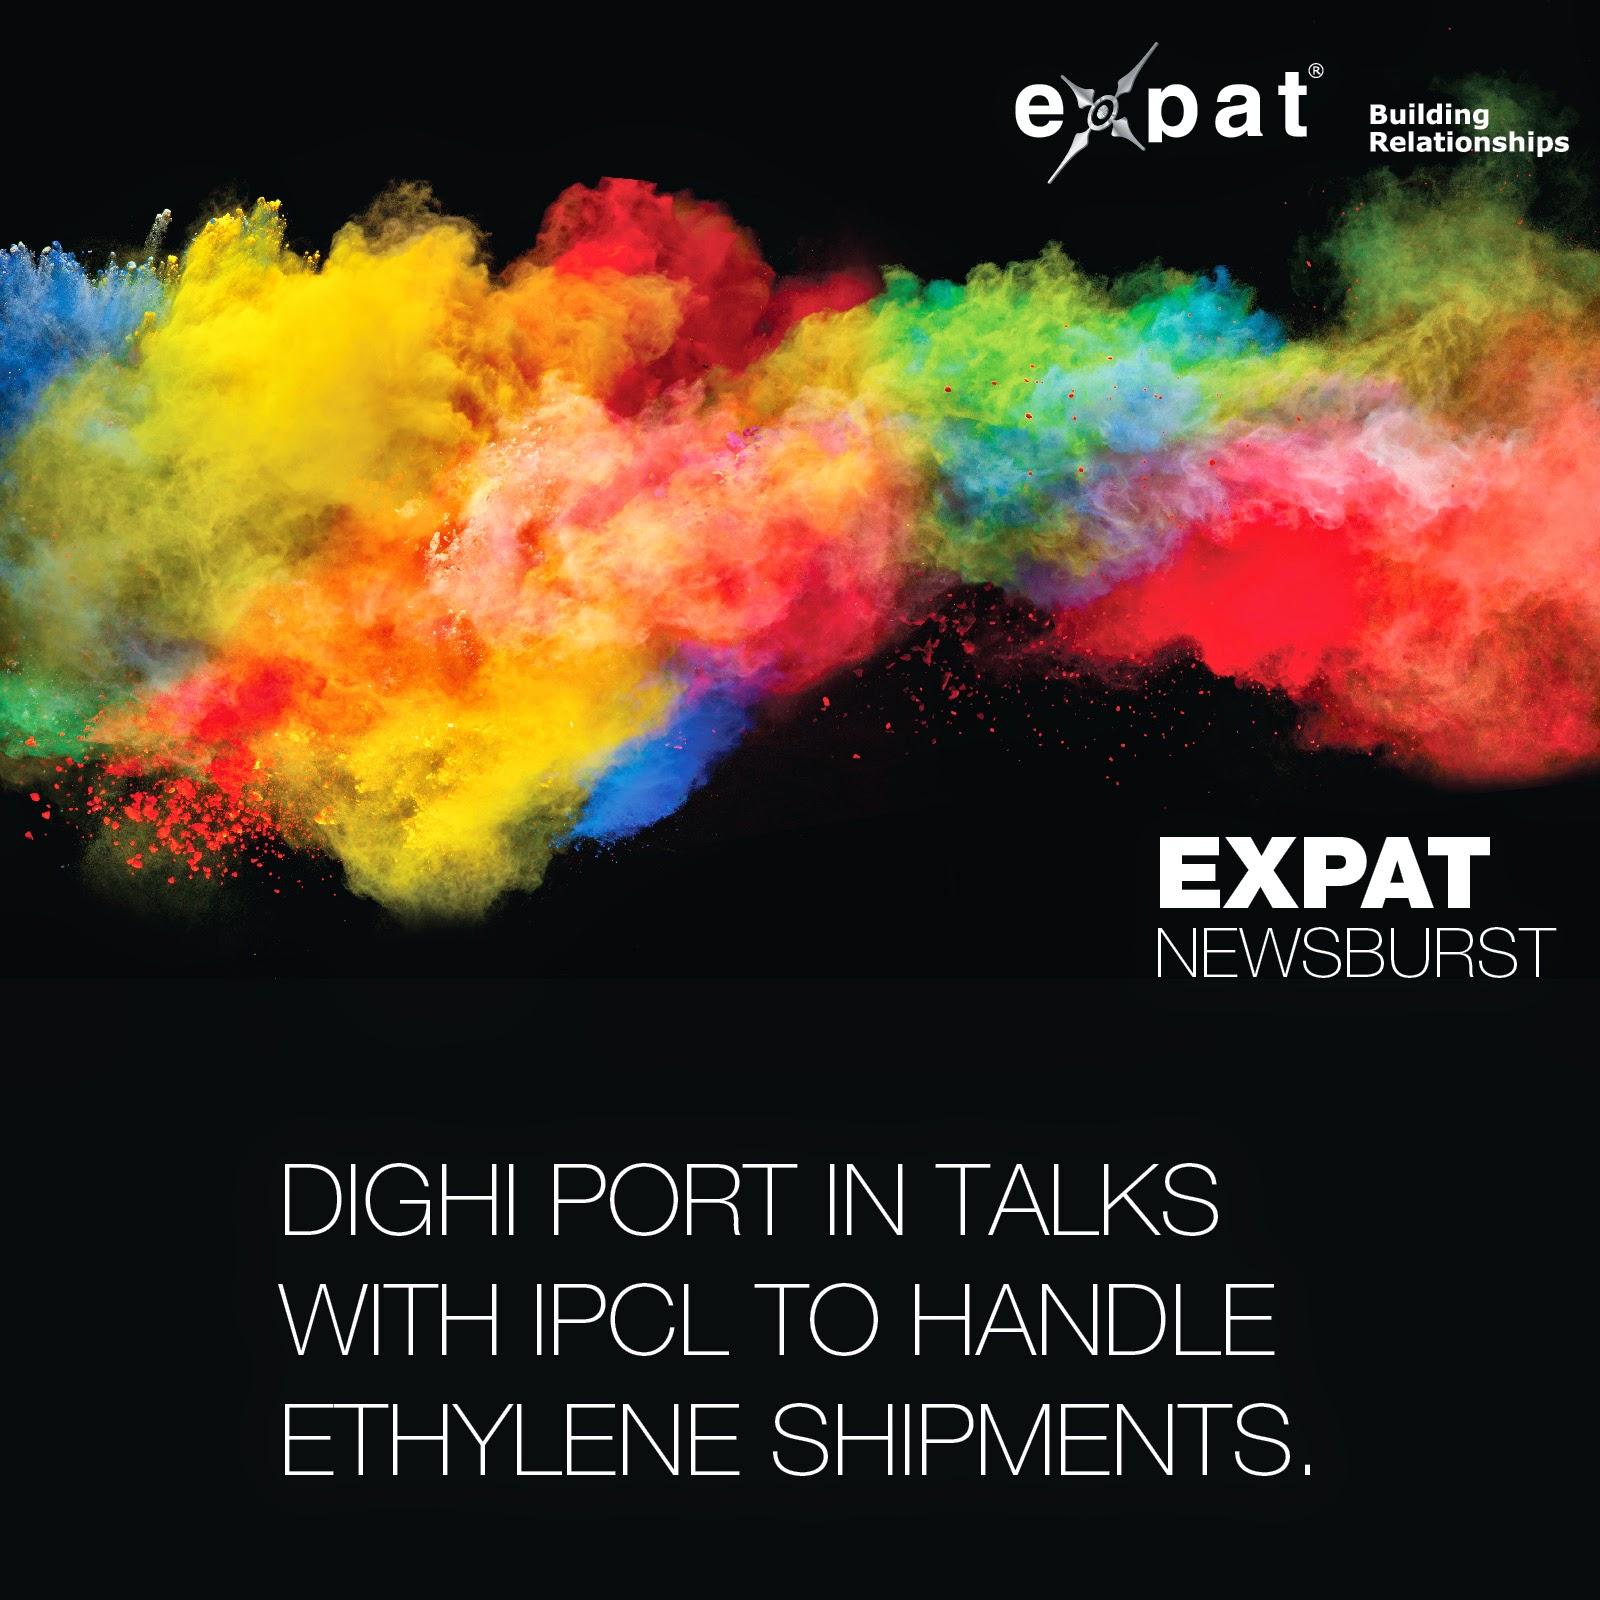 Expat NewsBurst: Dighi Port